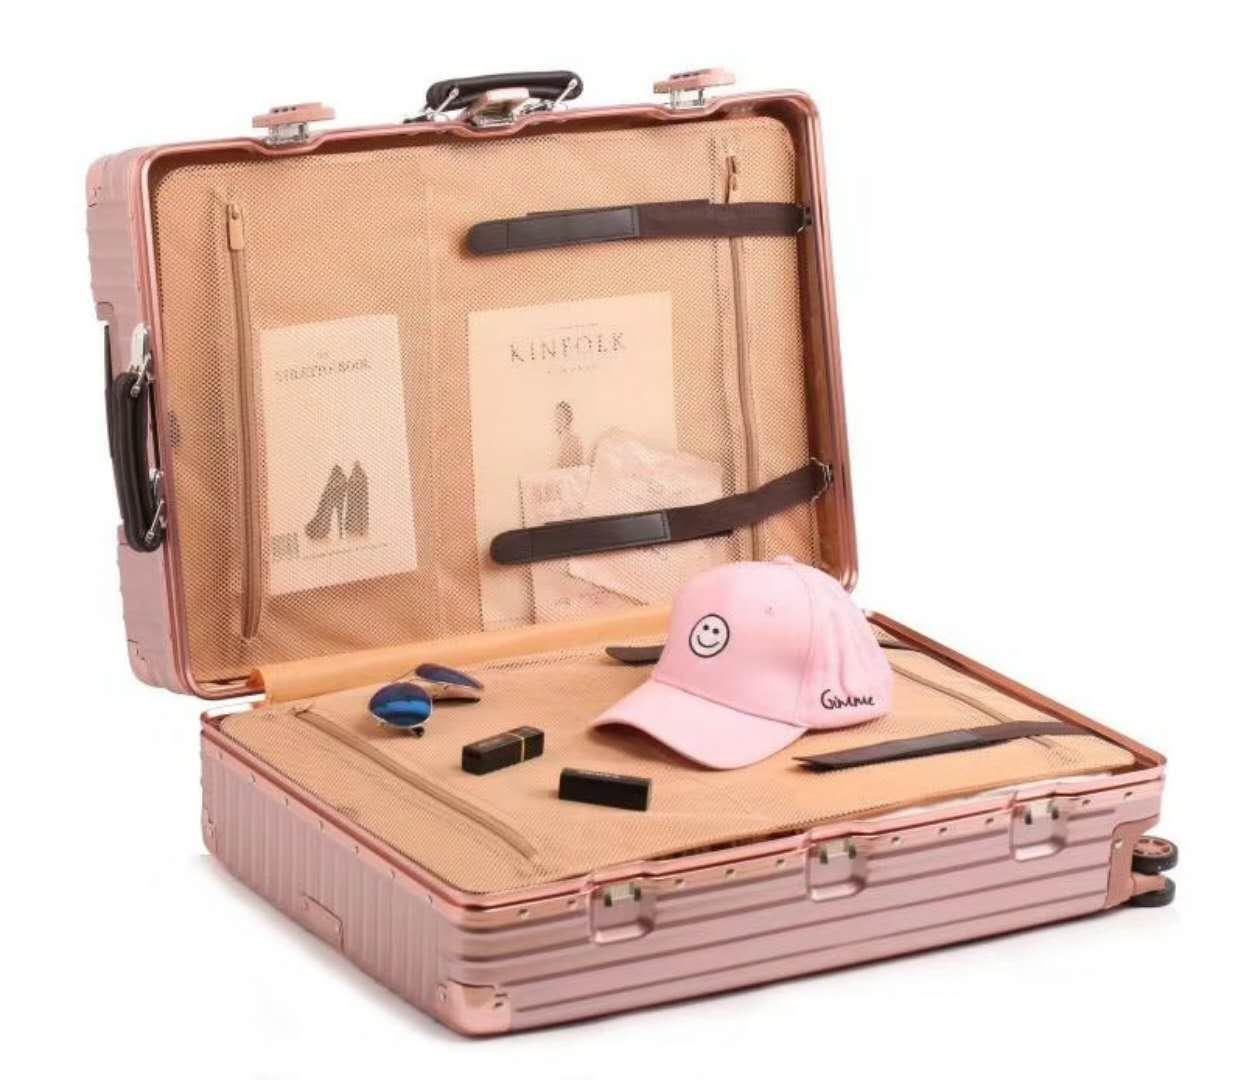 《箱旅世界》BoxTrip 20吋復古、懷舊防刮登機箱 行李箱 旅行箱 鋁框箱 3